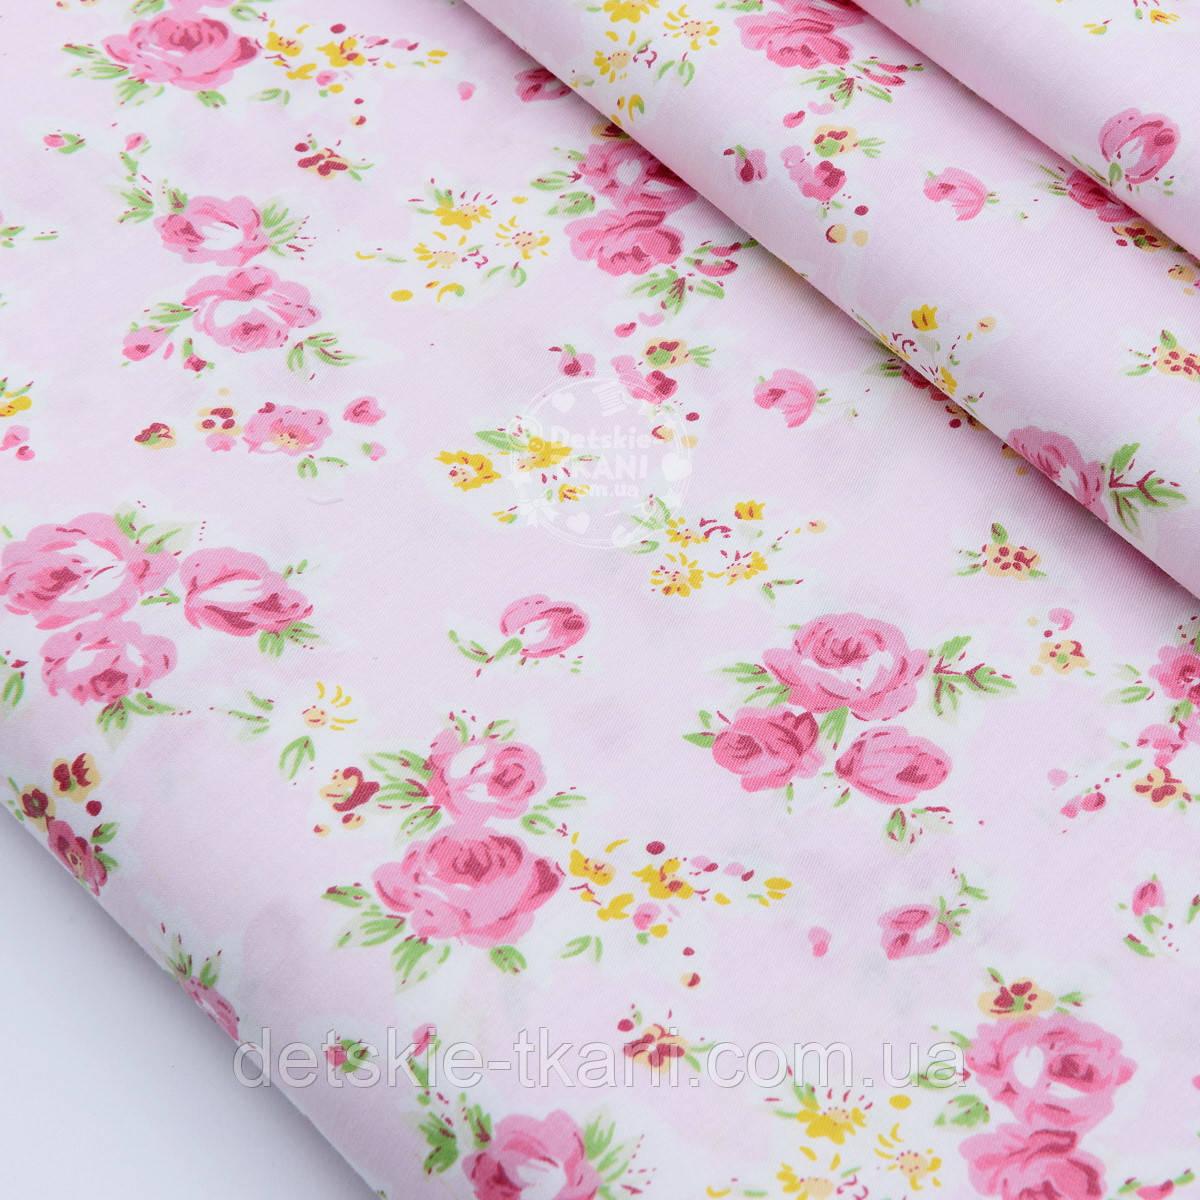 """Лоскут сатина """"Розовые розочки и жёлтые маленькие цветочки"""" на розовом, № 1746с, размер 37*62 см"""